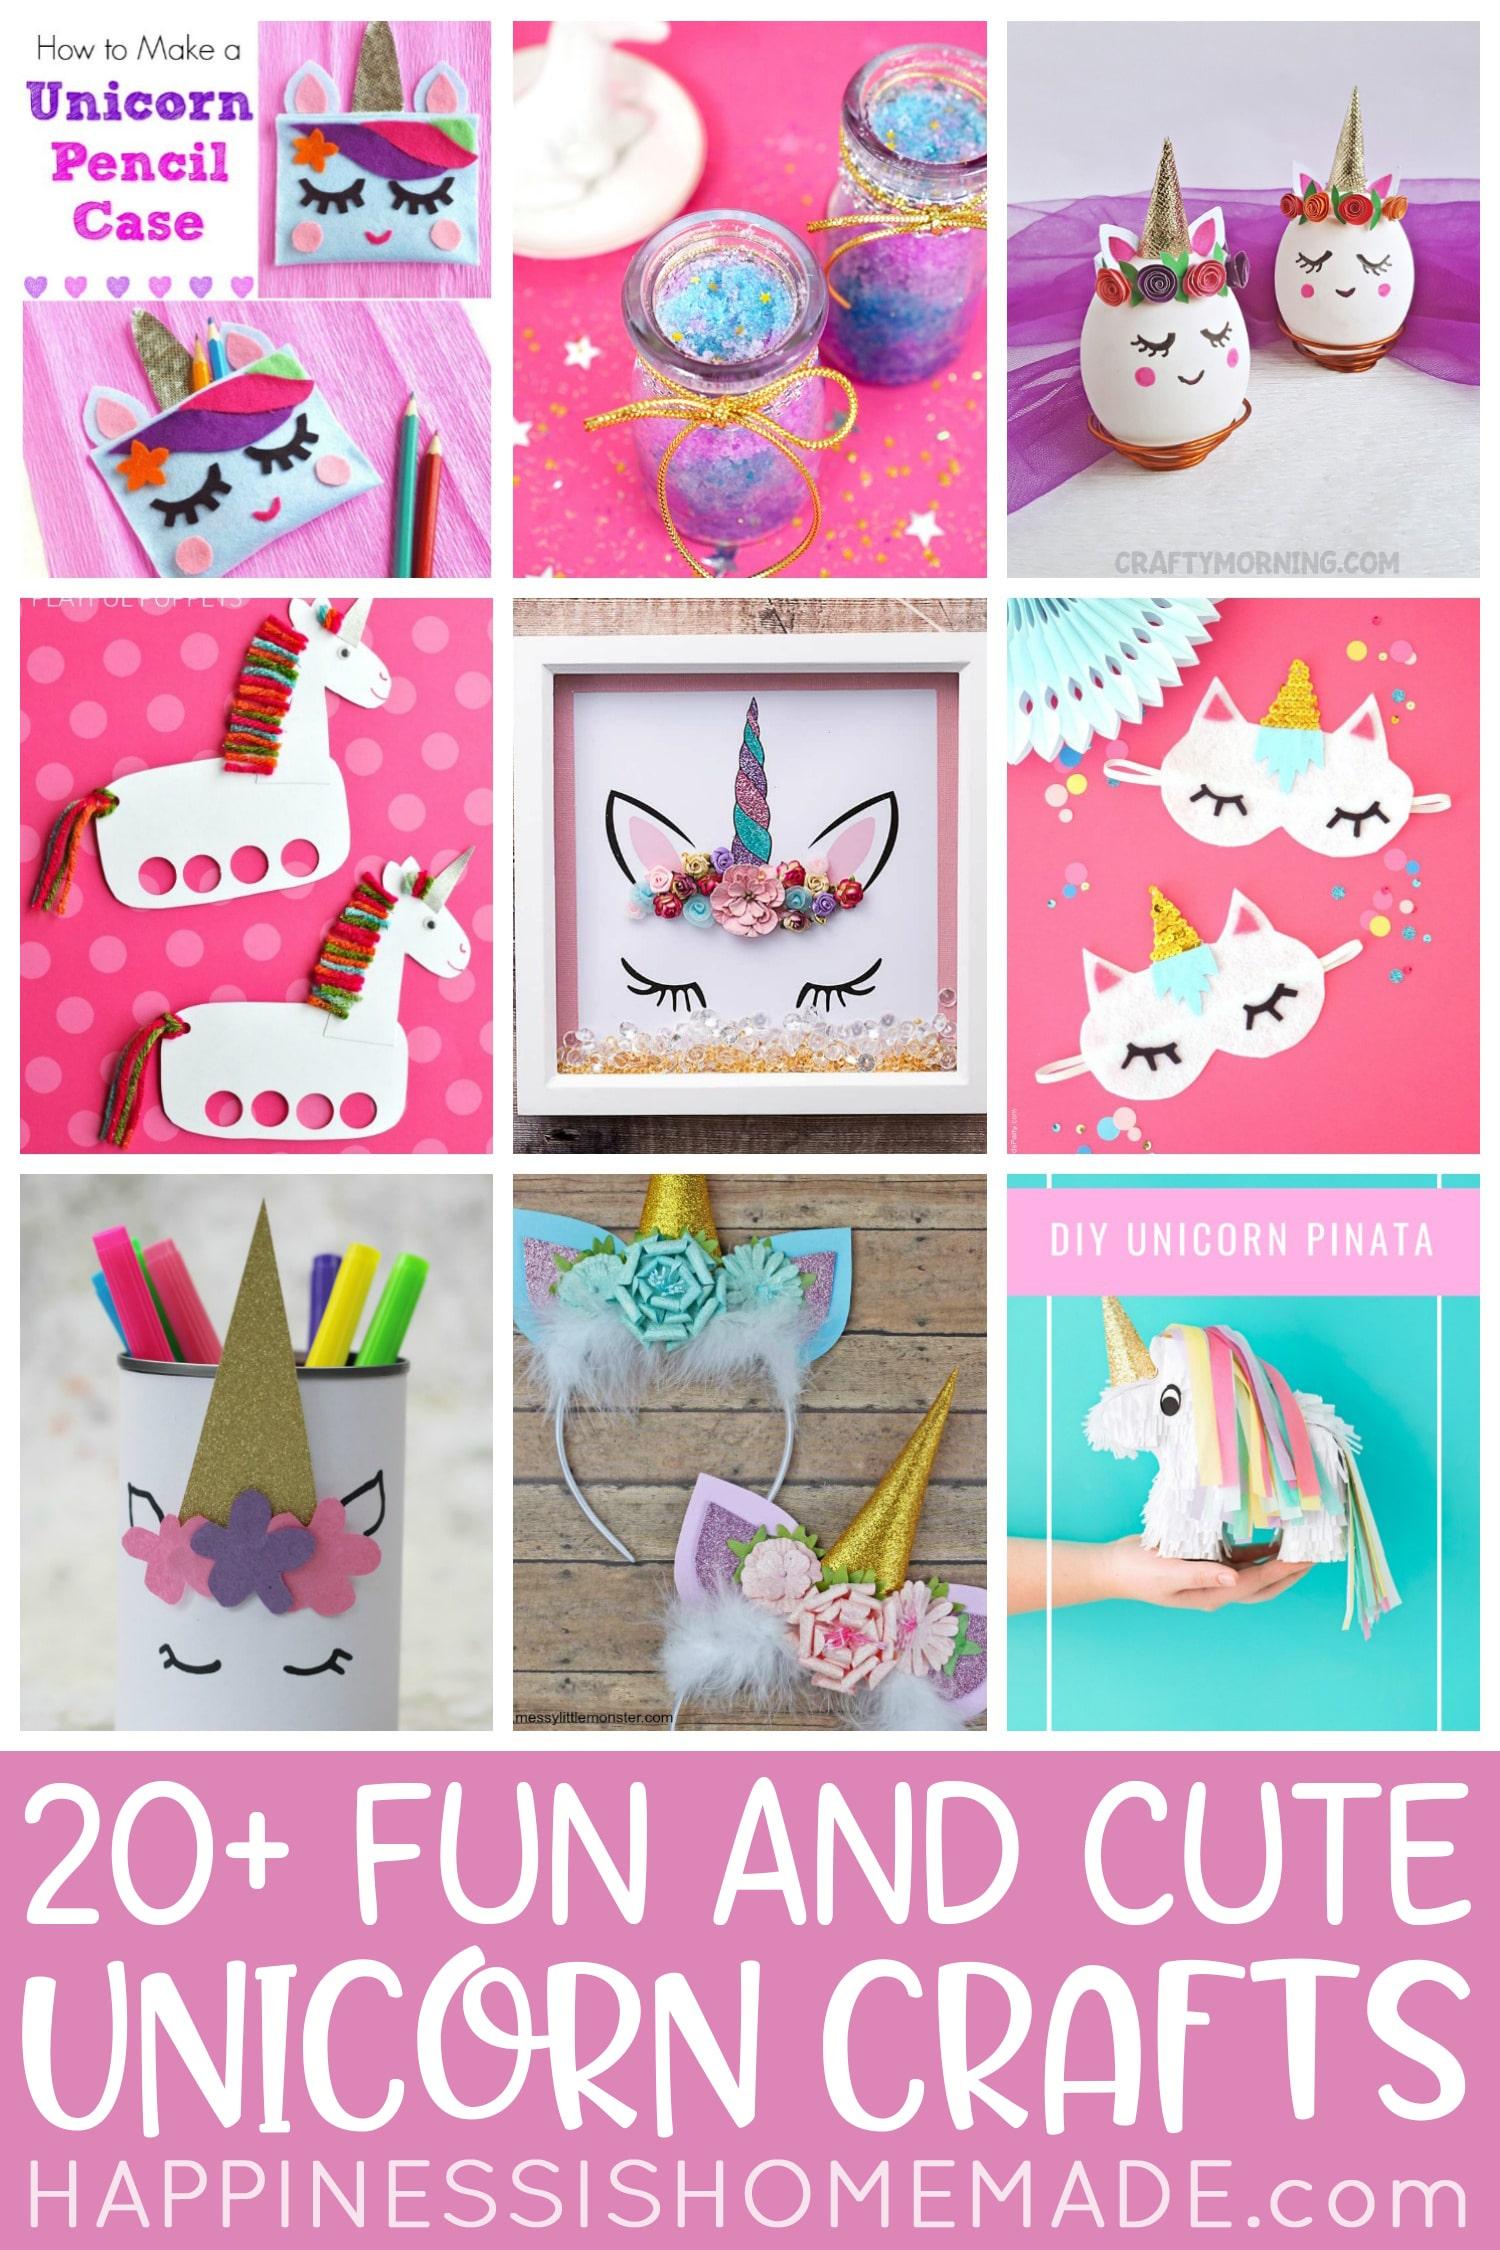 20+ Fun and Cute Unicorn Crafts